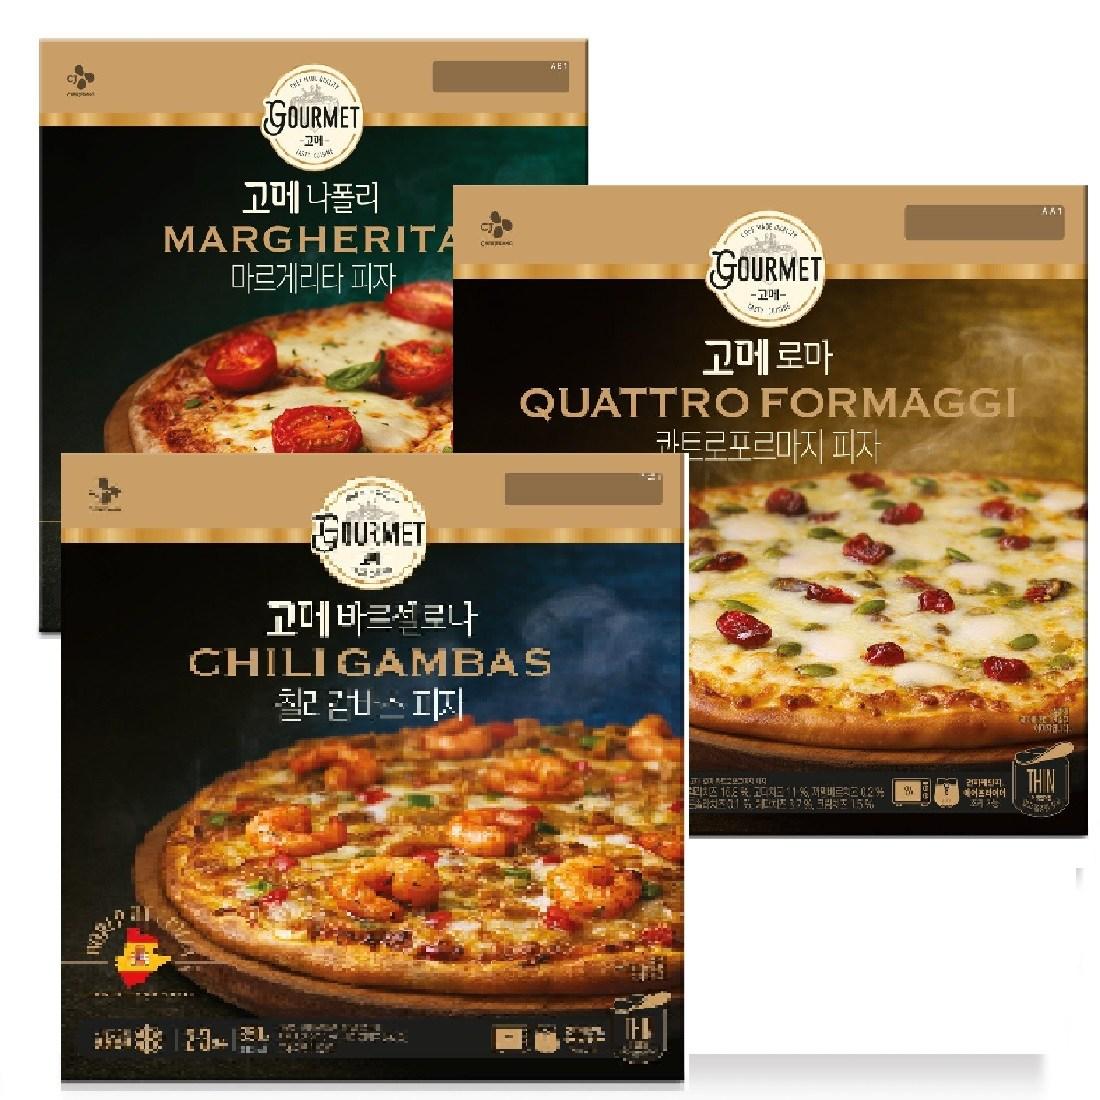 CJ 고메 프리미엄 피자 나폴리 마르게리타 300g + 바르셀로나 칠리감바스 350g + 로마 콰트로포르마지 310g, 1개씩